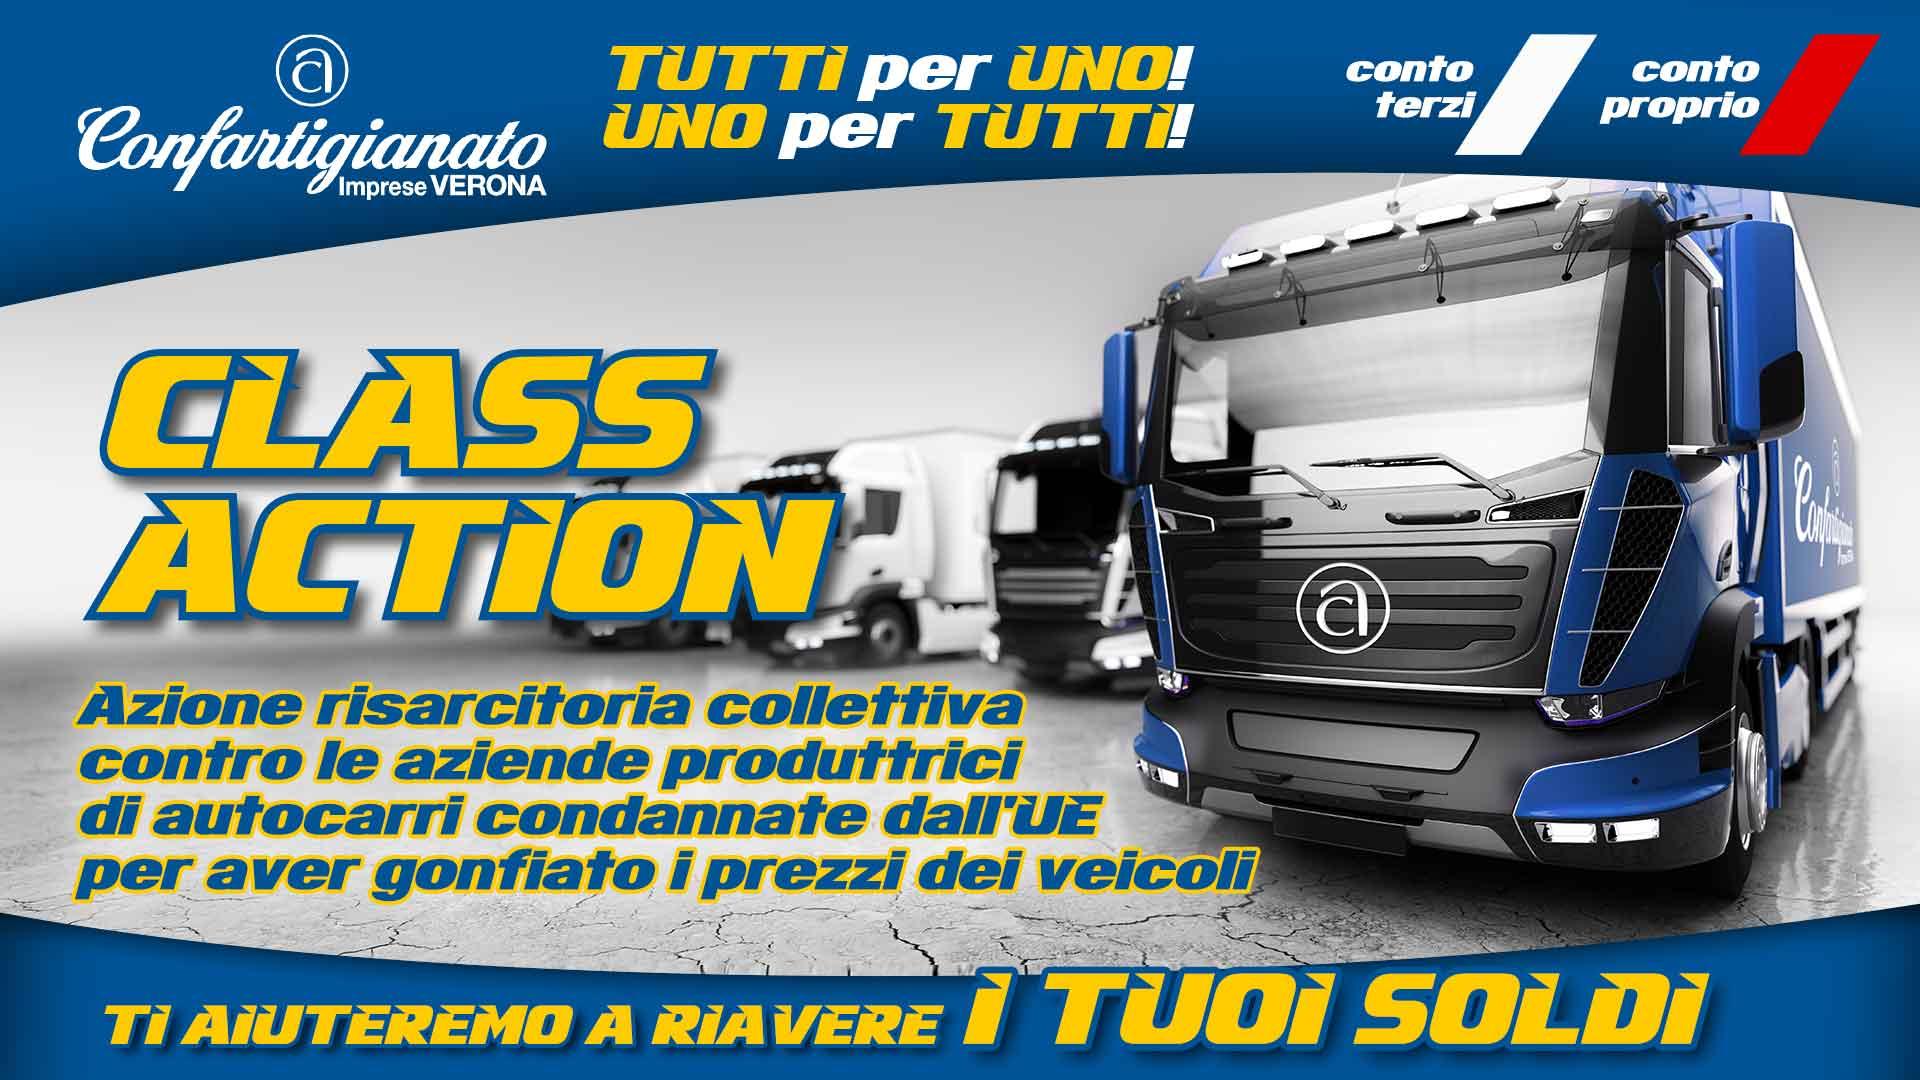 CLASS ACTION – Azione collettiva contro produttori autocarri sanzionati dall'Ue per prezzi gonfiati, atto finale: è tempo di avviare la richiesta di risarcimento. Affrettatevi!